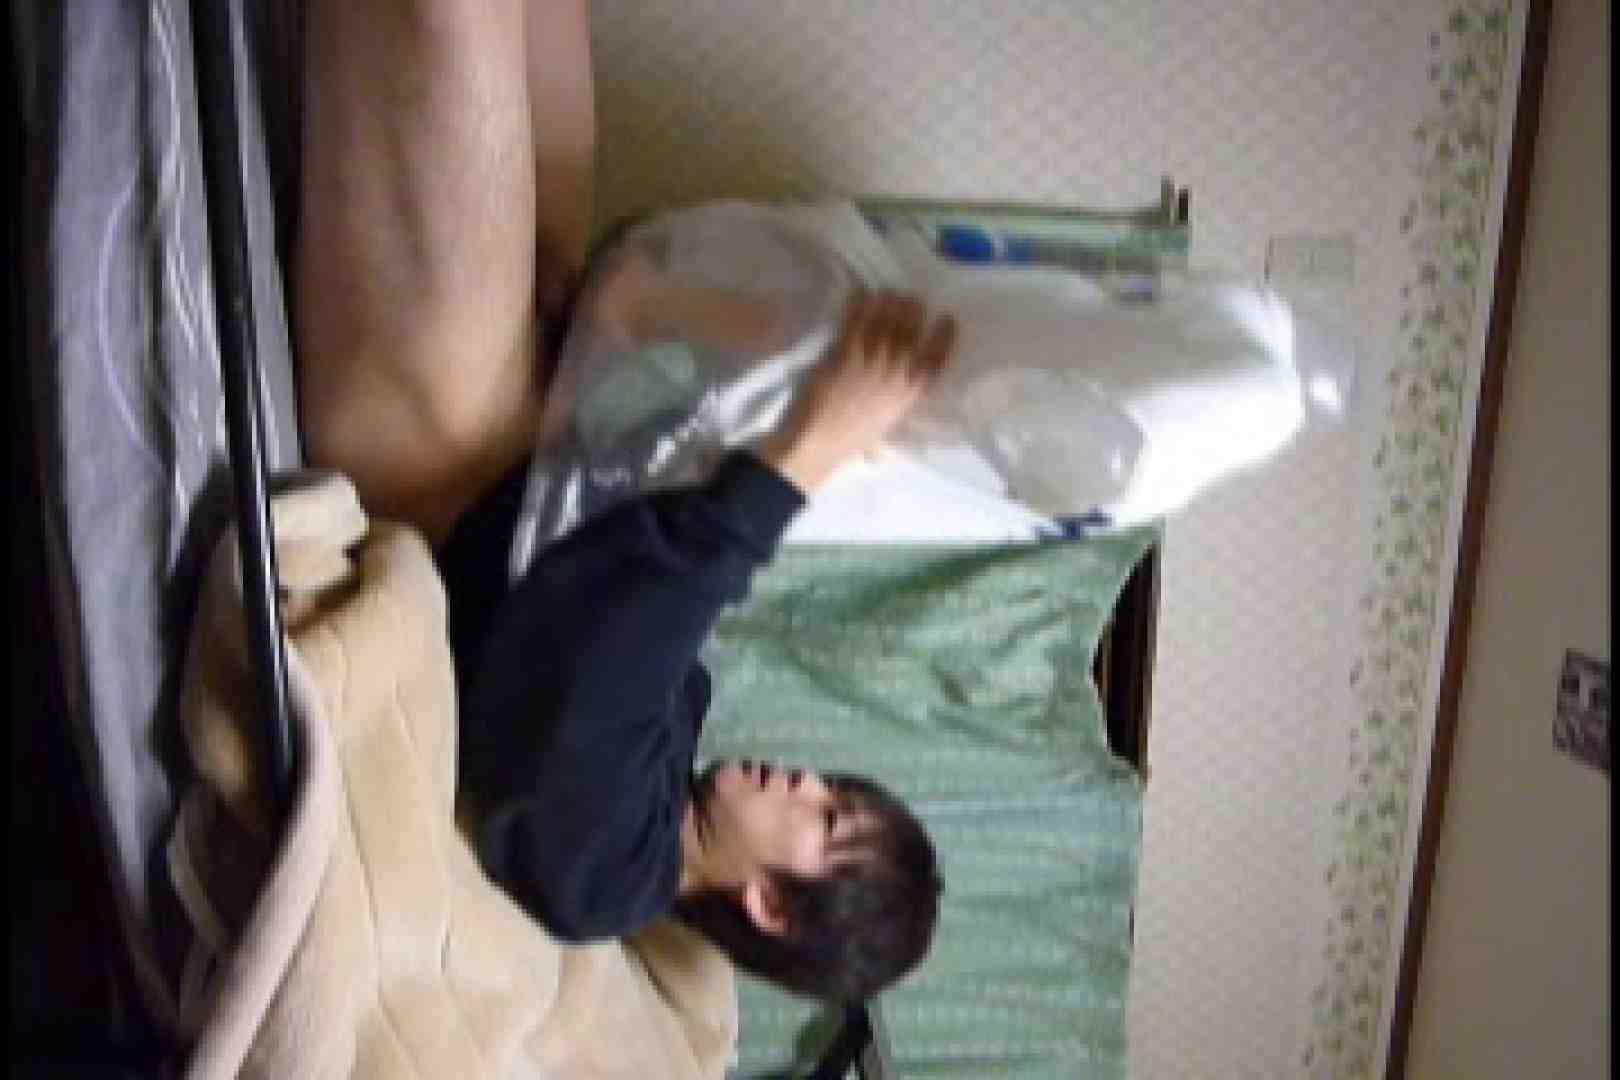 オナ好きノンケテニス部員の自画撮り投稿vol.08 投稿作品 尻マンコ画像 98画像 98